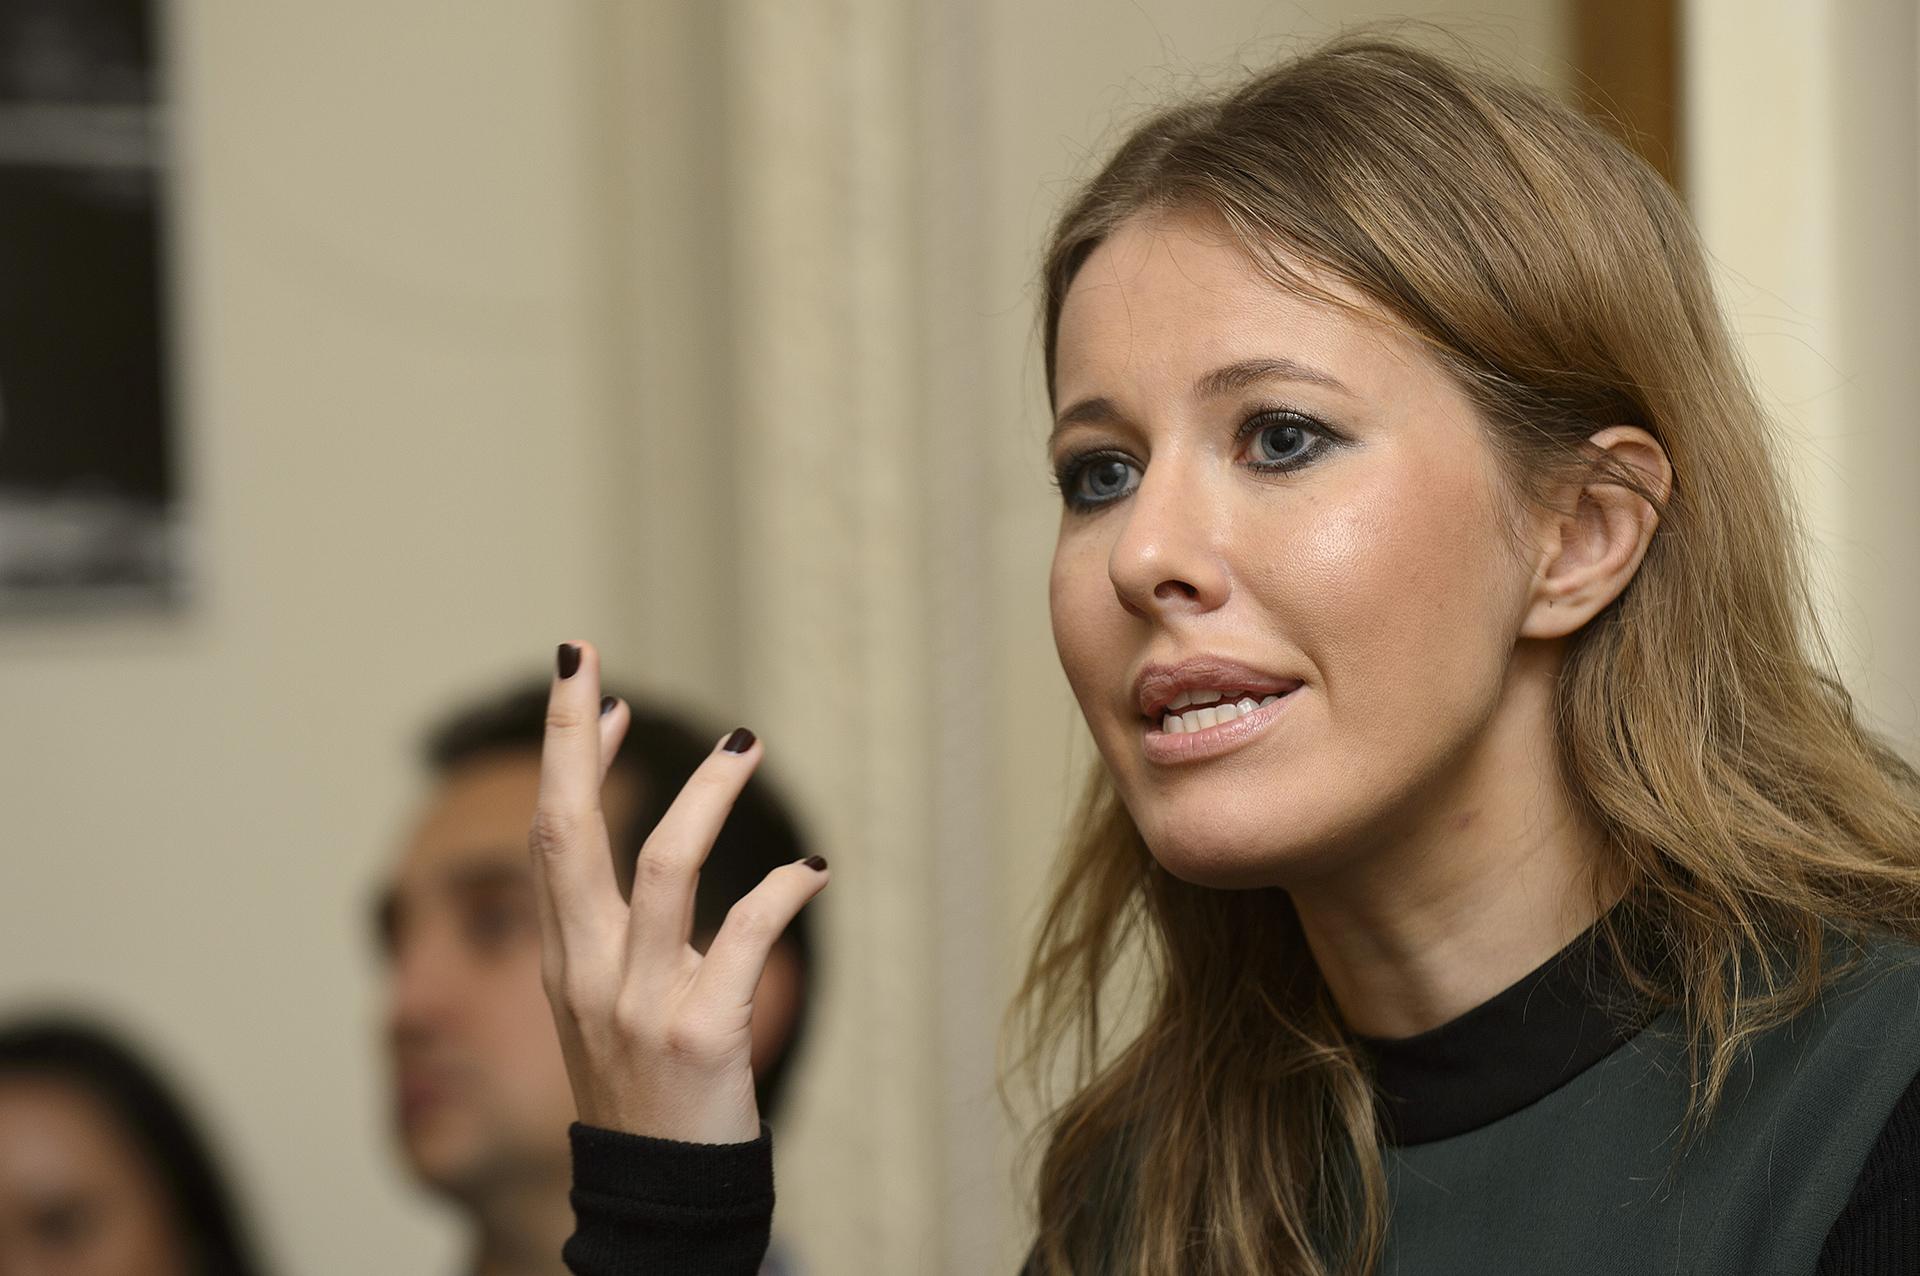 Se rumorea que Putin es el padrino de Ksenia Sobchak, hija de su mentor y ex jefe Anatoly Sobchak (Ben Pruchnie/Getty Images)